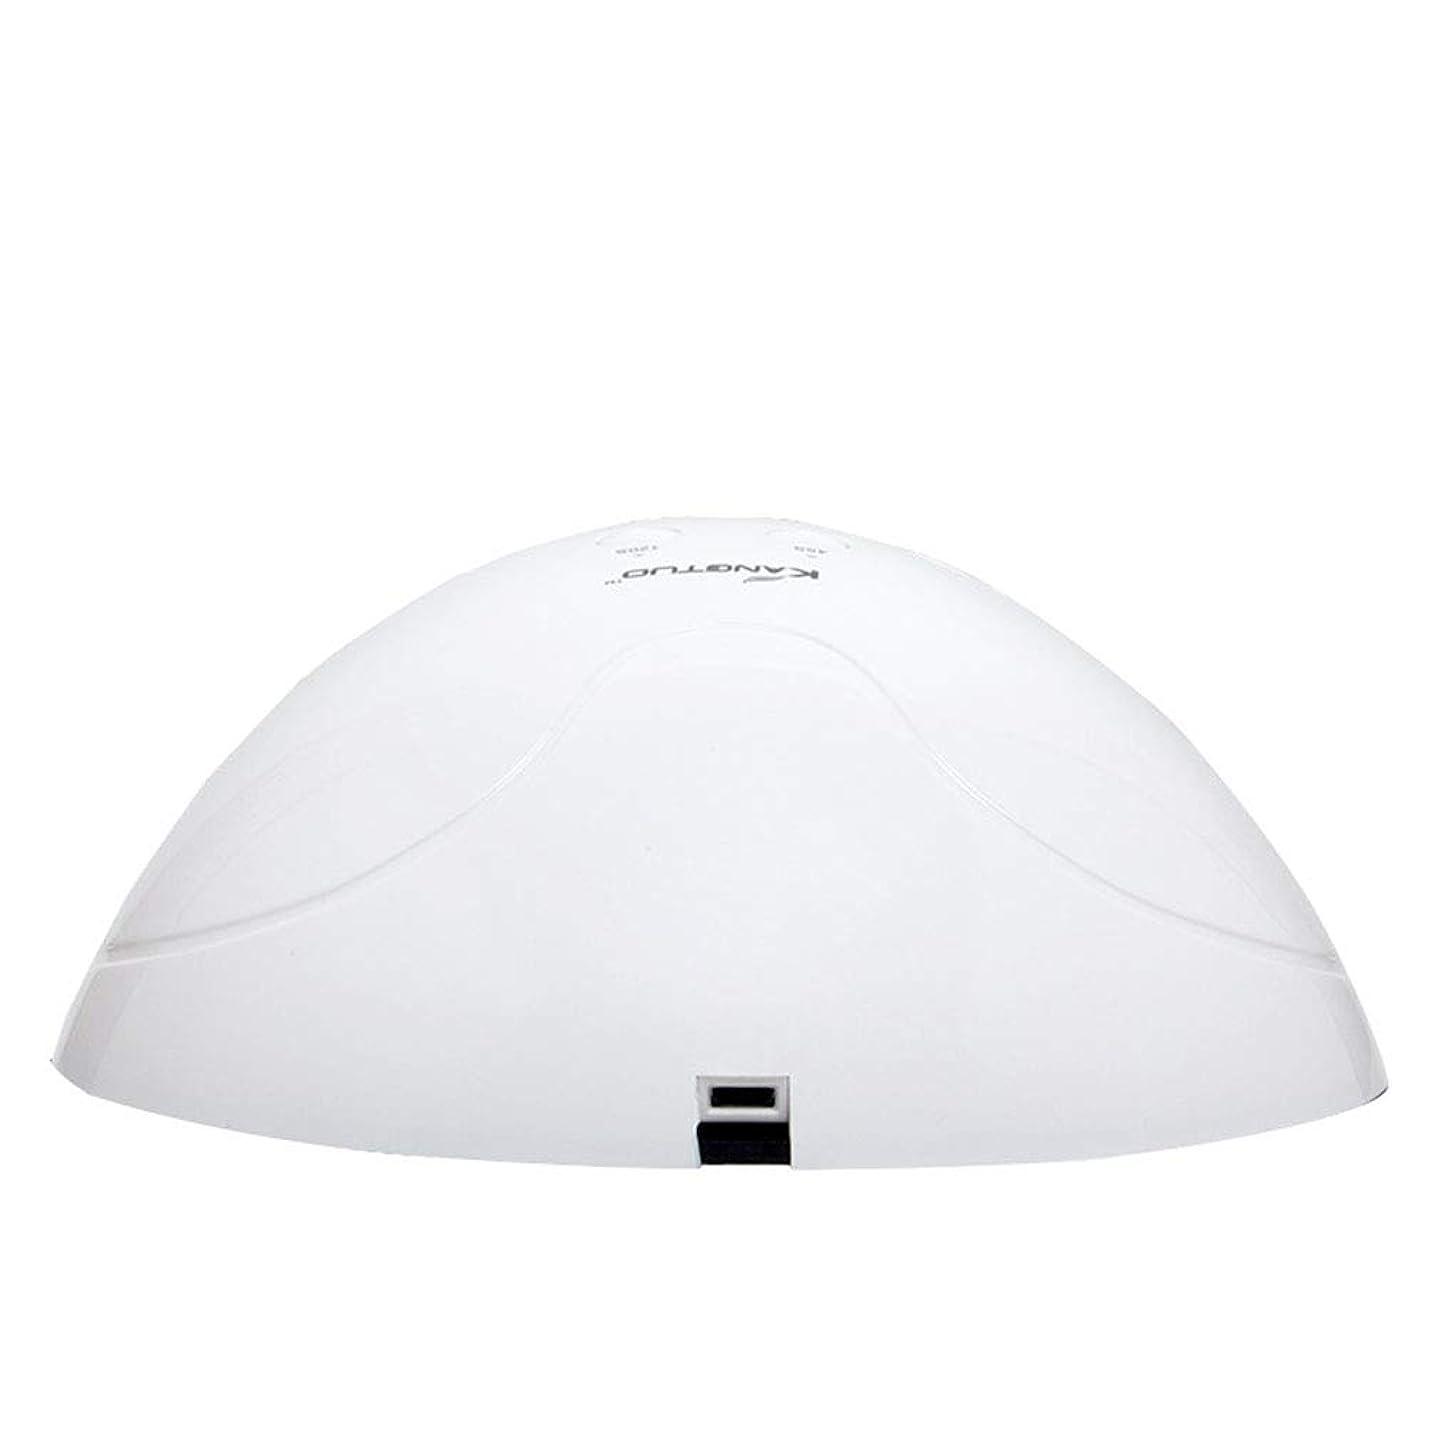 効果的耳花瓶ネイルランプネイルドライヤー45s / 120sタイマー用UV LEDジェルネイルポリッシュマシン硬化用全てのゲルポリッシュ赤外線センサー